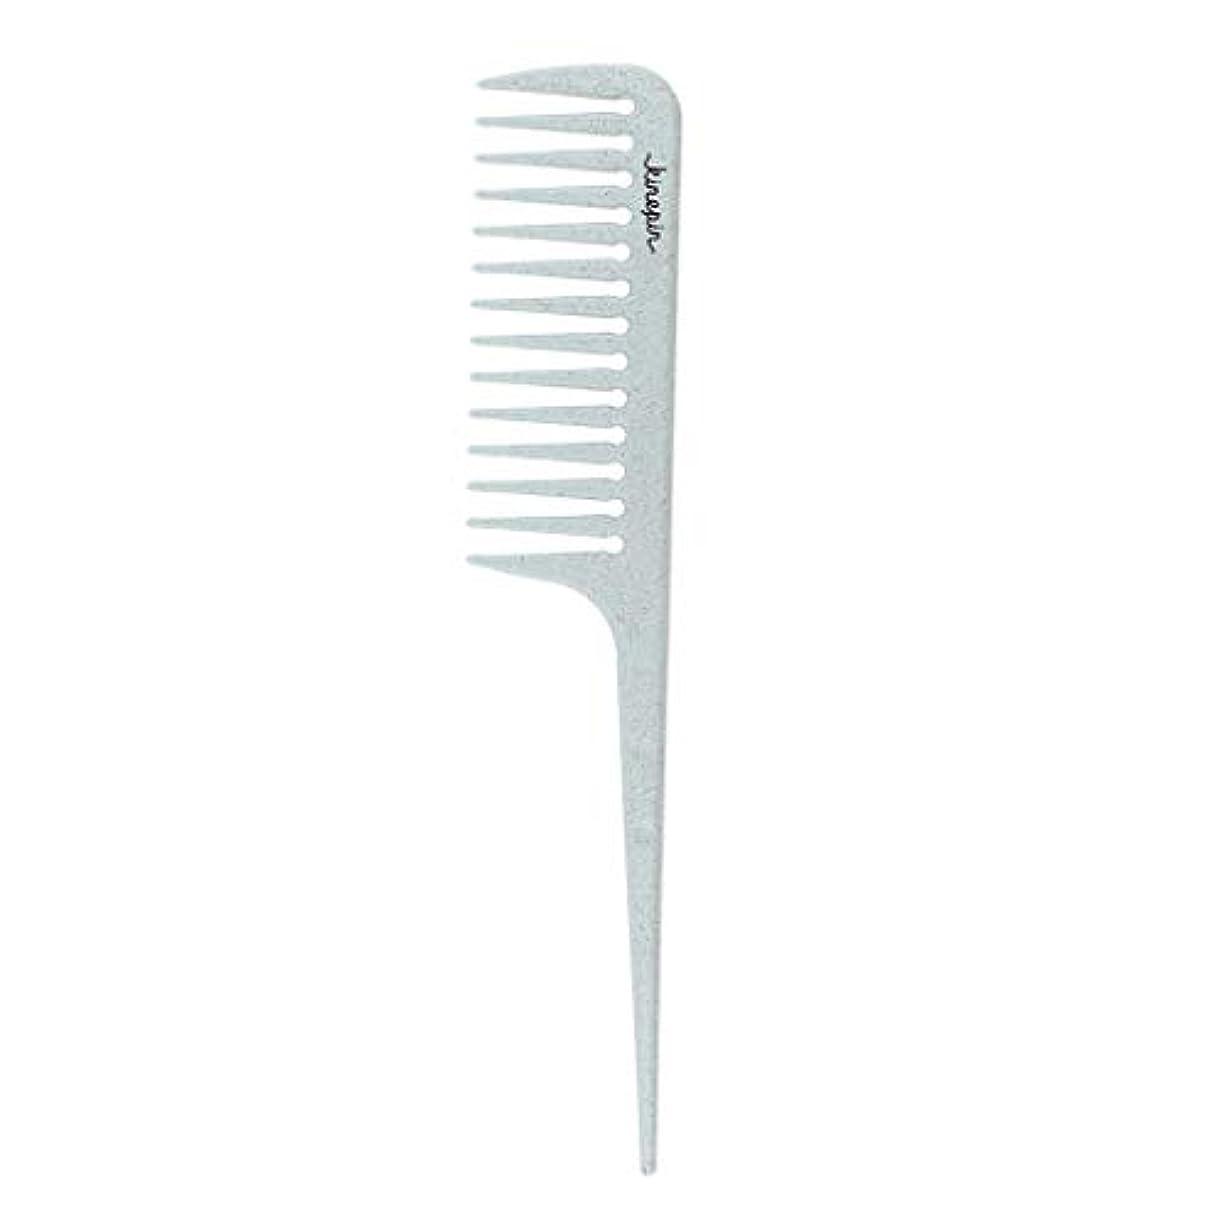 クック思い出させるけがをするヘアスタイリストコーム ヘアテールチップ ヘアサロン 美容師 静電気防止櫛 耐熱櫛 4色選べ - 青